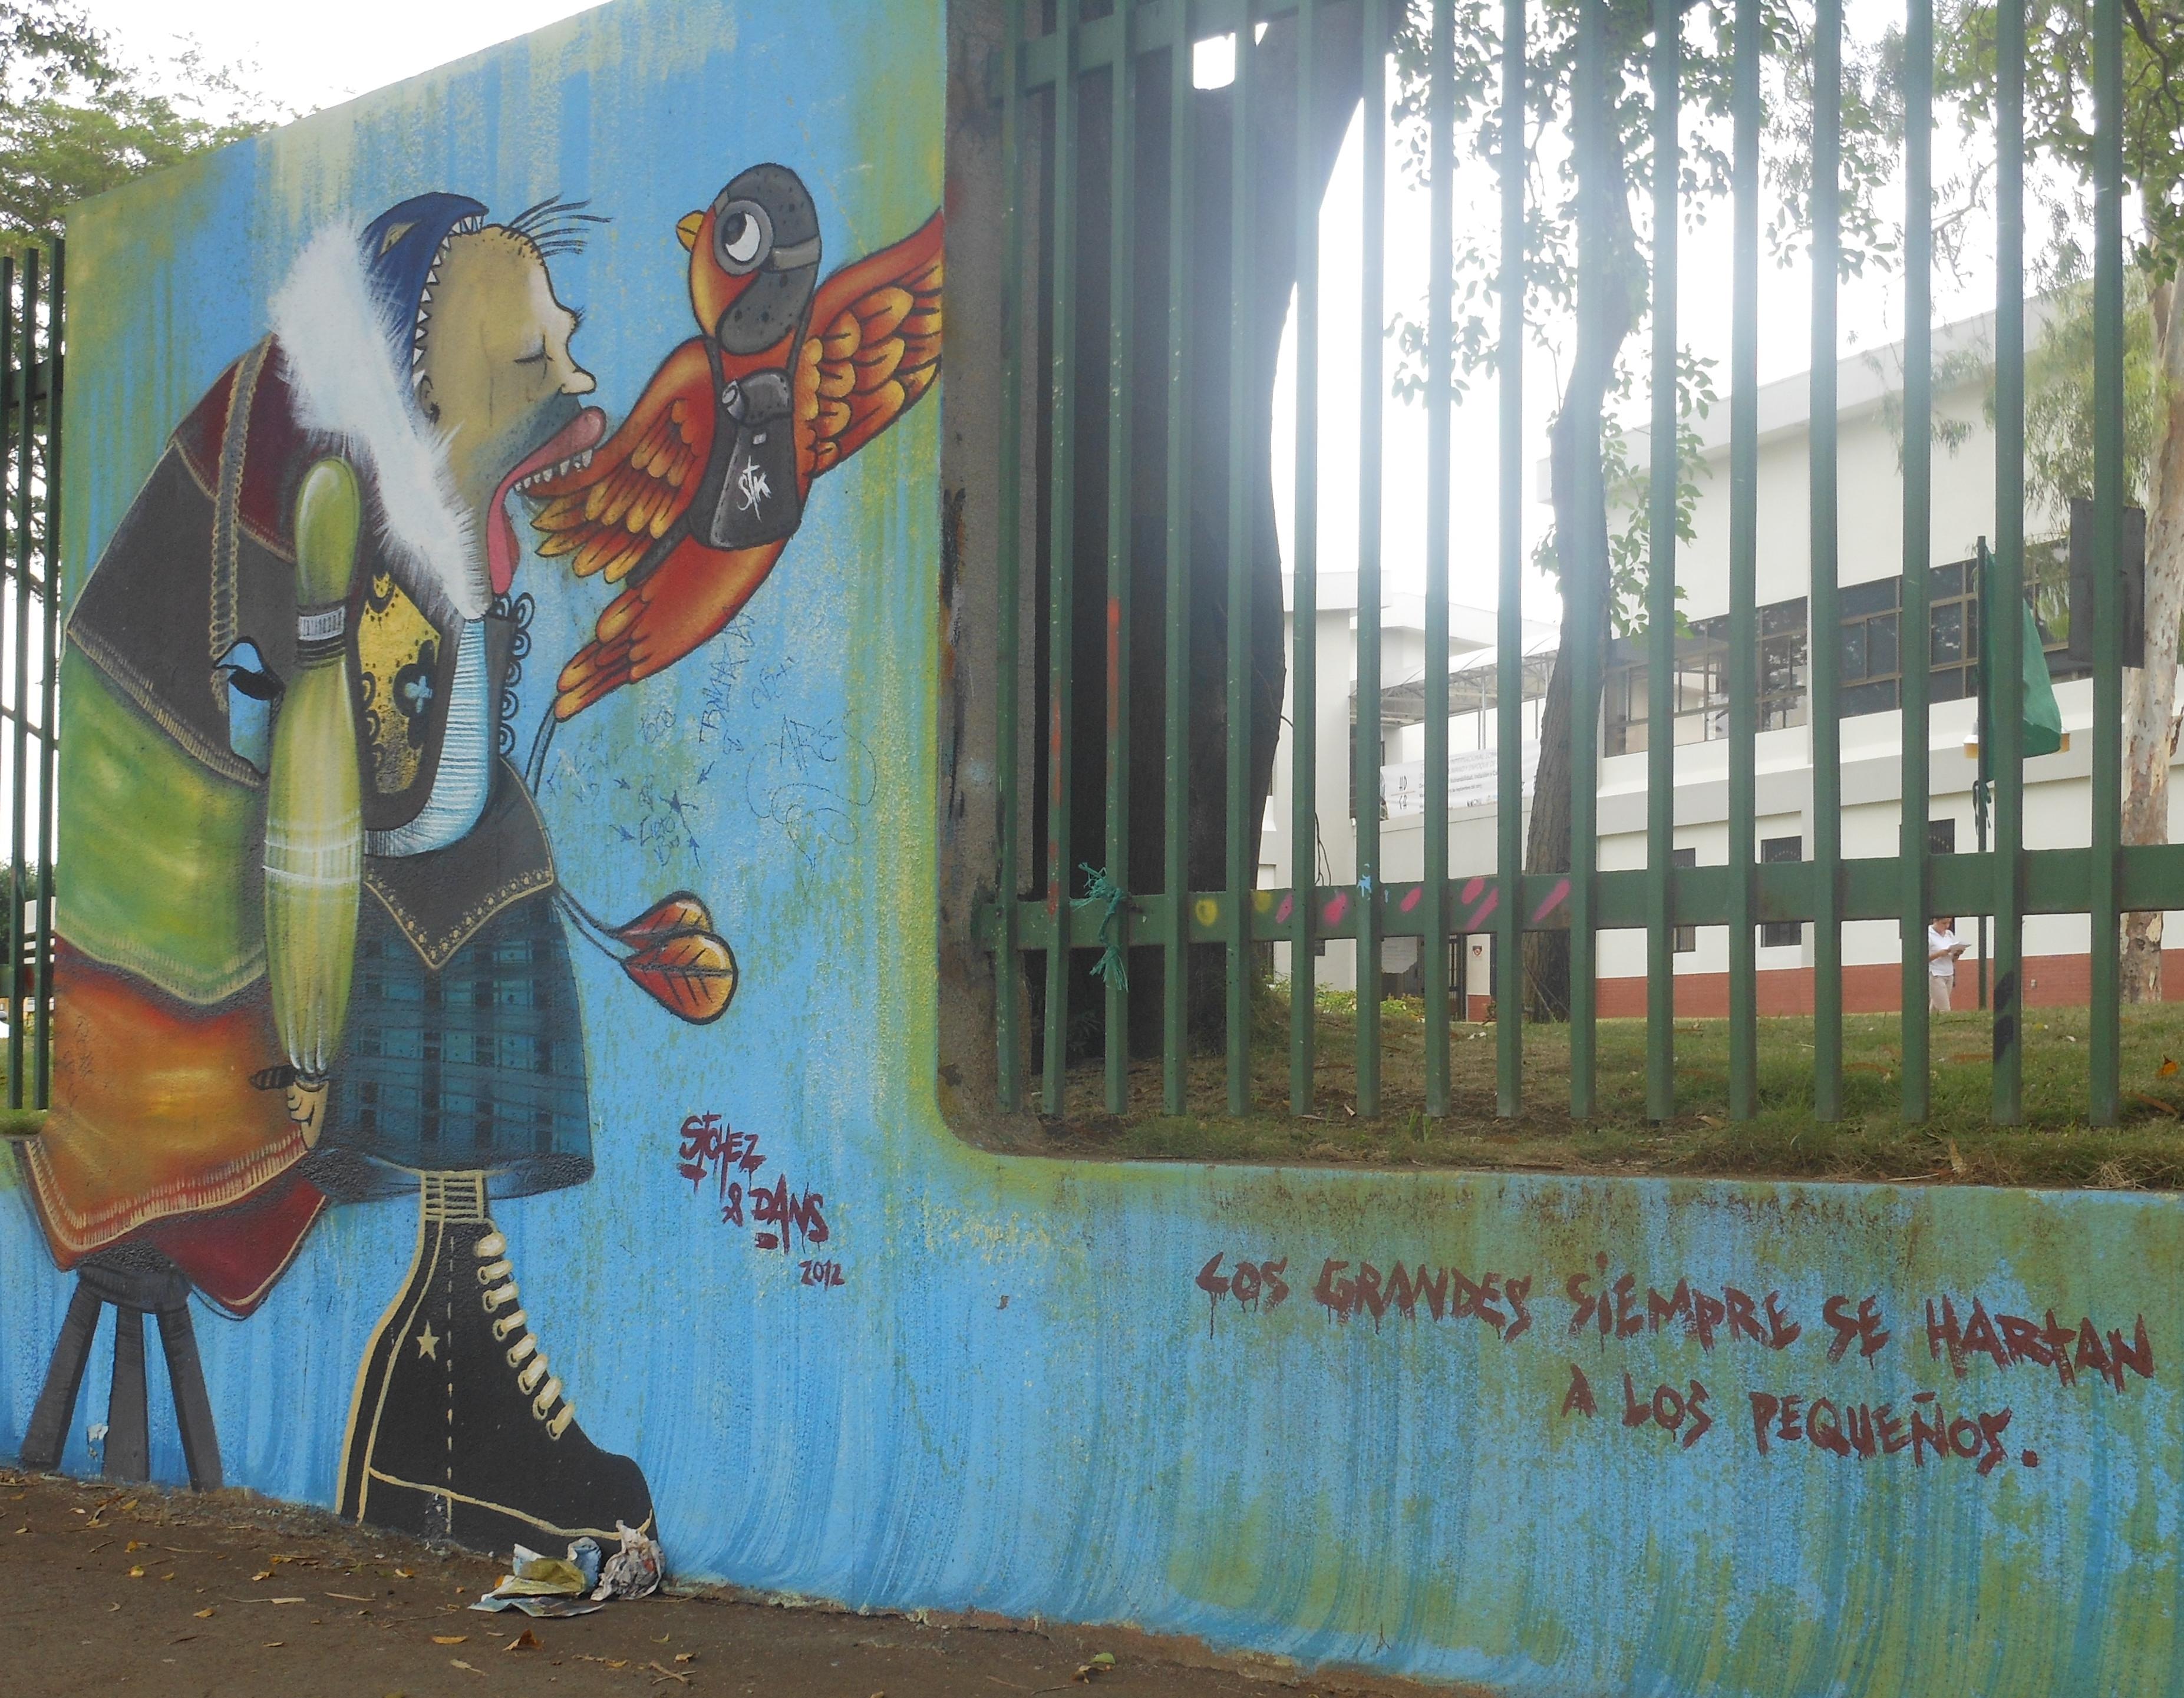 graffiti-16-managua-nicaragua_14048877982_o